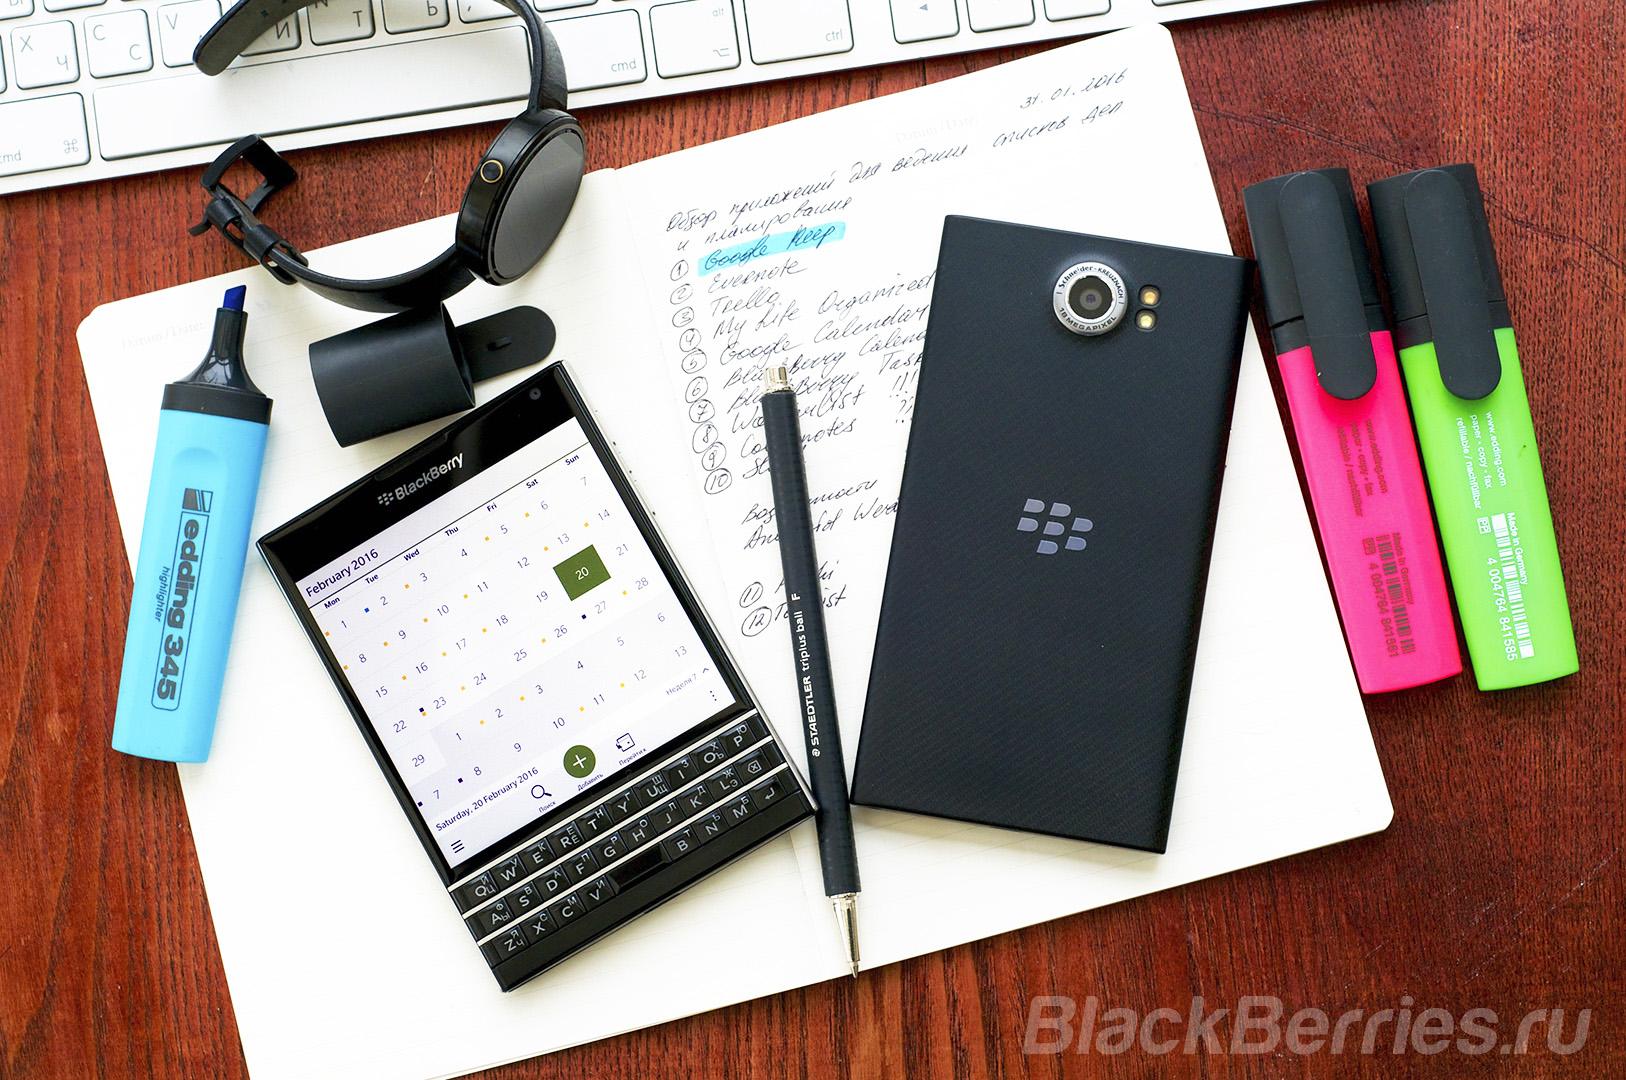 BlackBerry-Apps-20-02-28